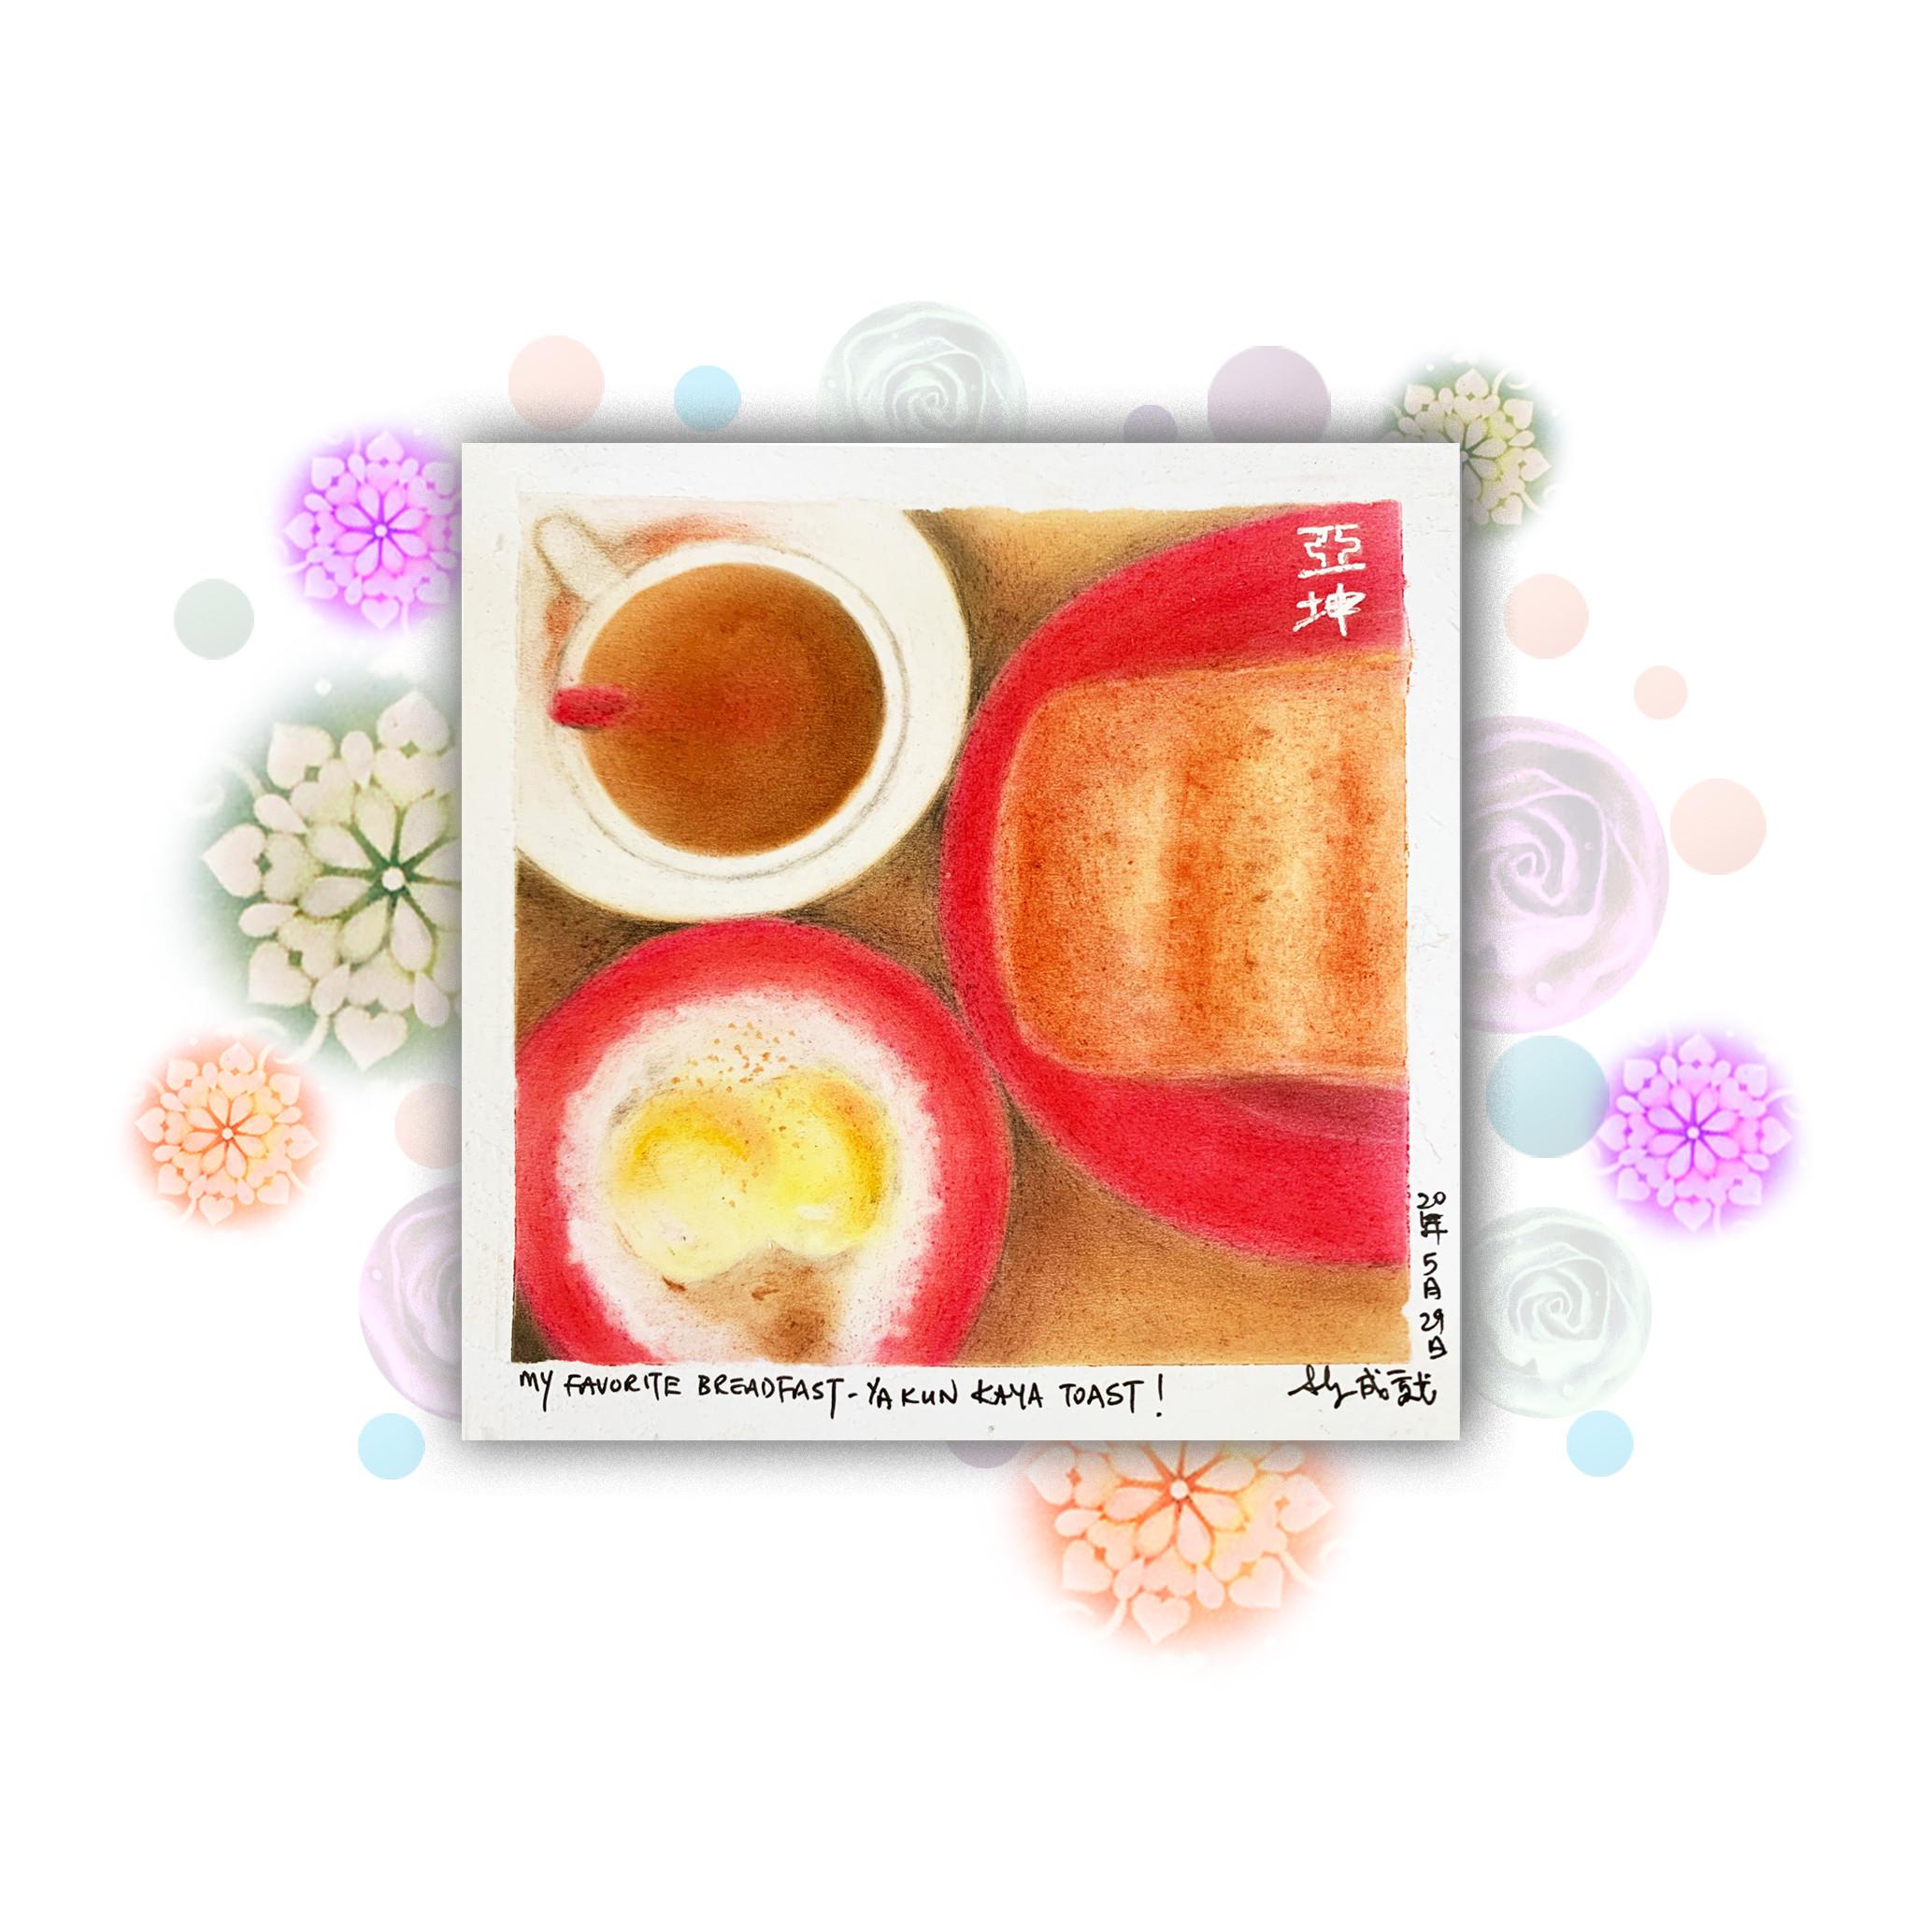 Food Theme - Breakfast Toast set